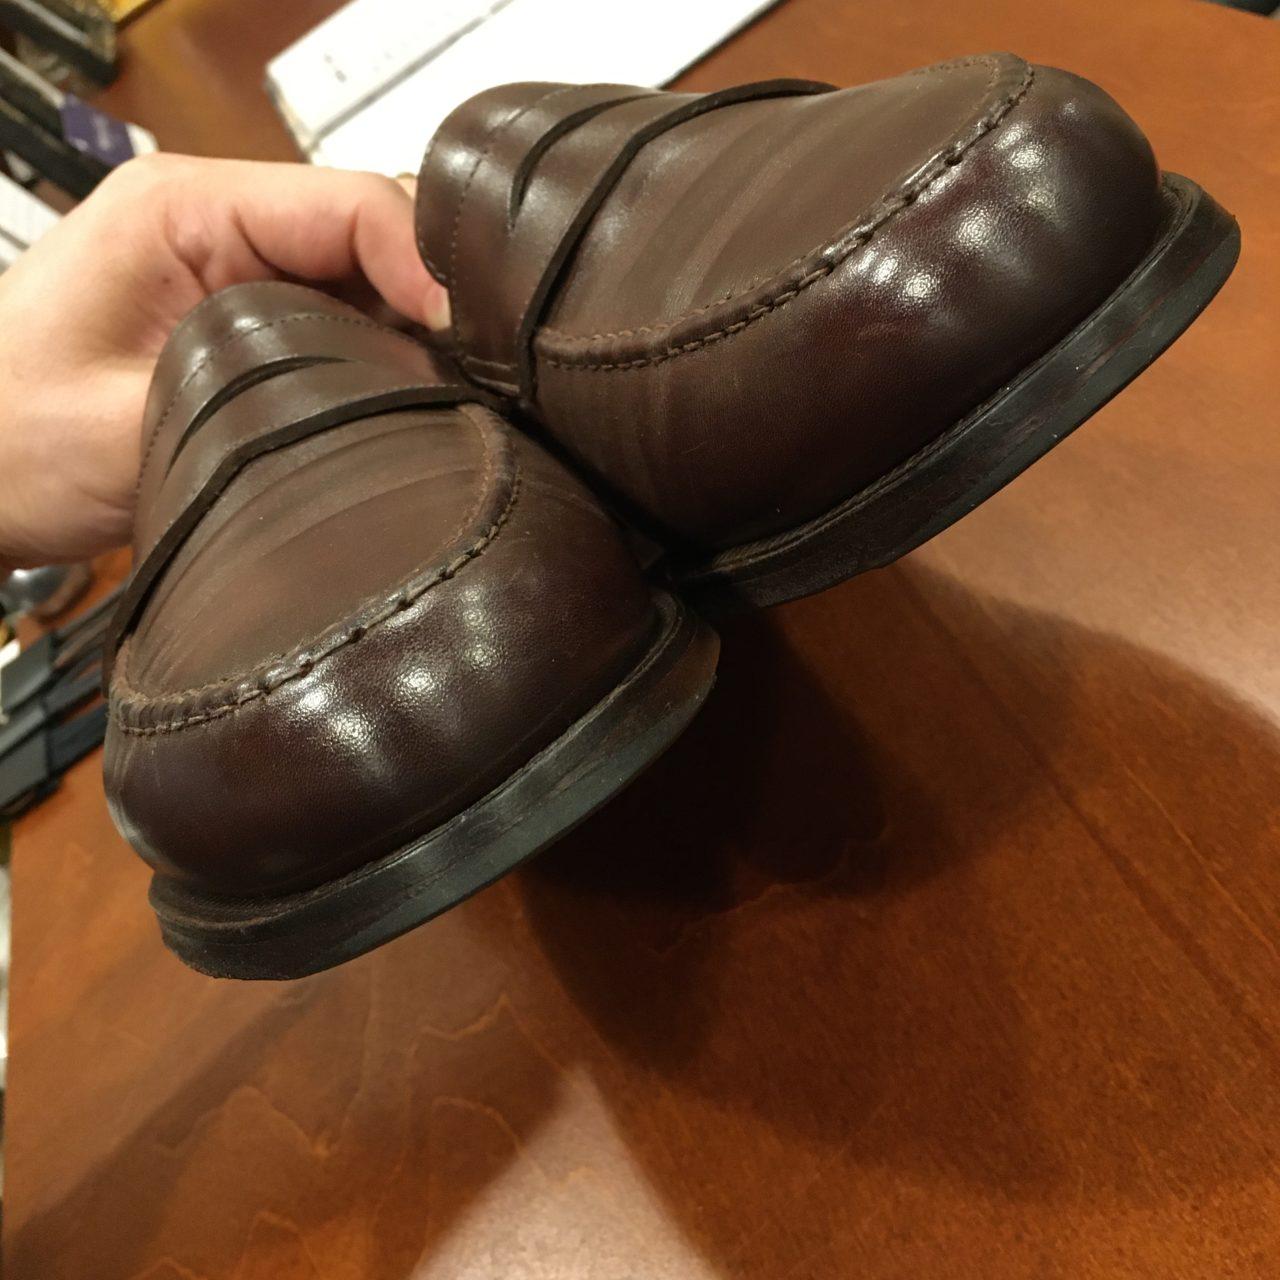 クロケットアンドジョーンズの革靴。つま先をゴムで補修したお話